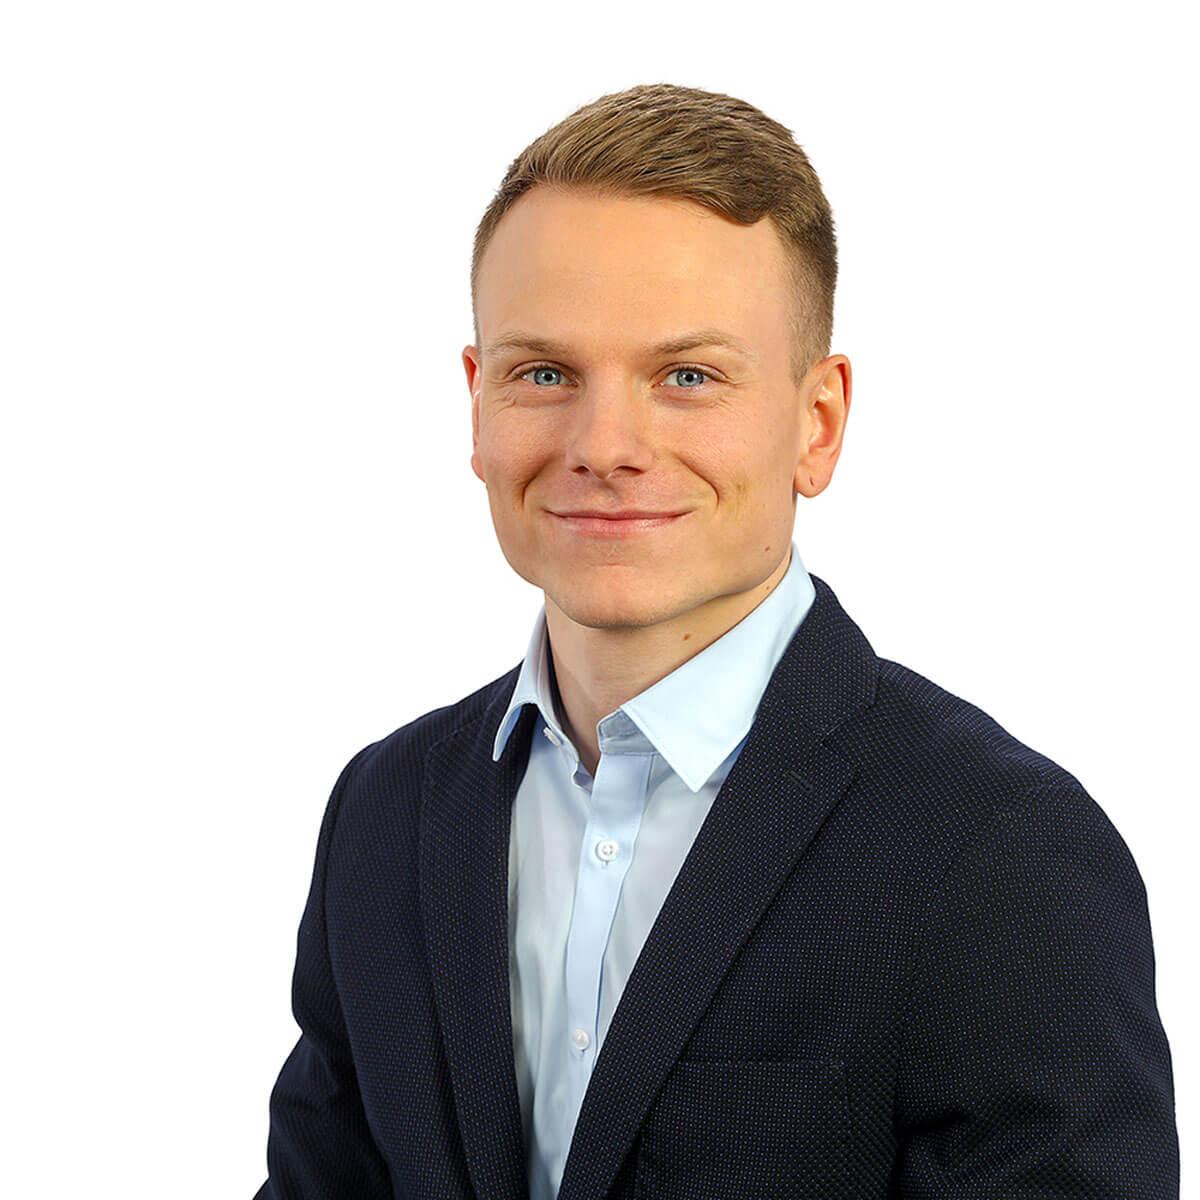 Tobias Möske ist Assistenz der Kocher GmbH Dortmund.